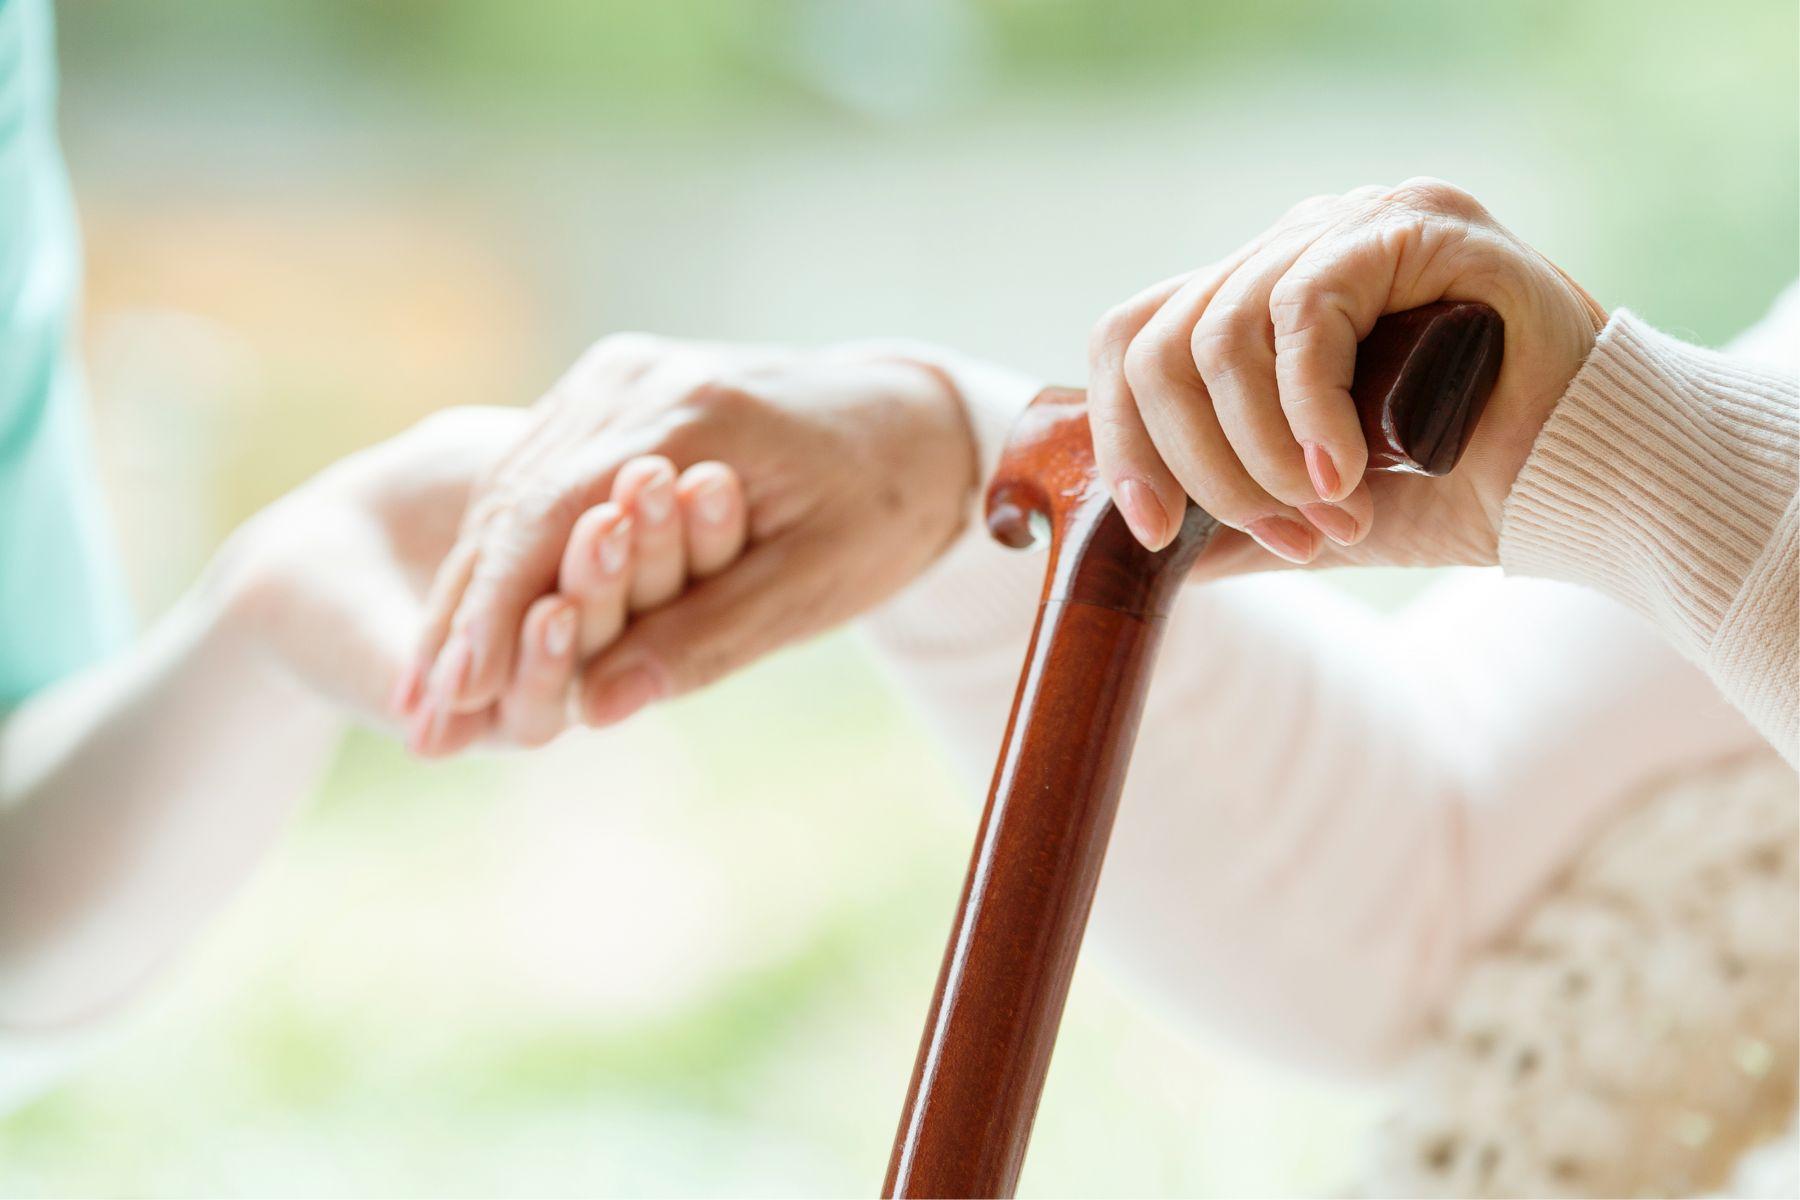 老老相顧悲歌! 照顧者嘆:相較年邁失能老母,我更擔心自己的老年與未來…